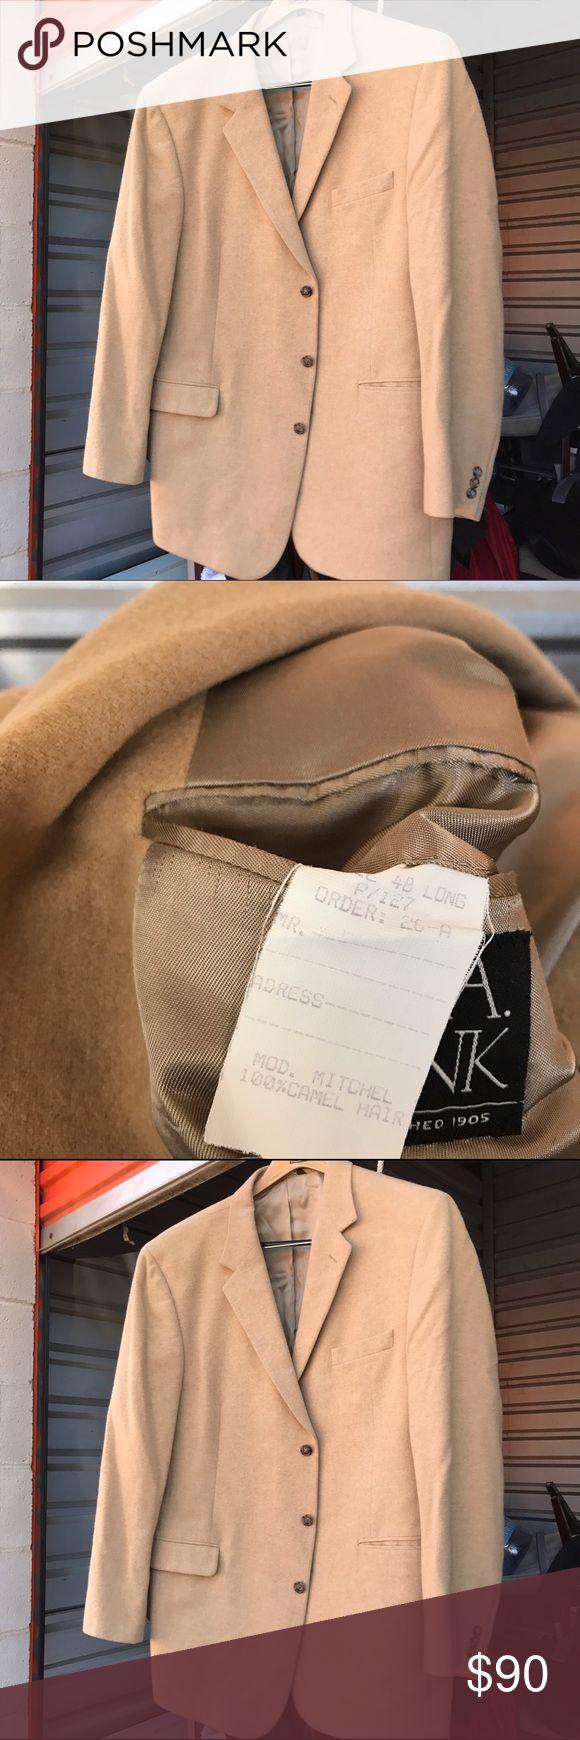 Carmel hair Sport Coat Authentic Carmel hair Sport Coat. JOS A BANK Suits & Blazers Sport Coats & Blazers